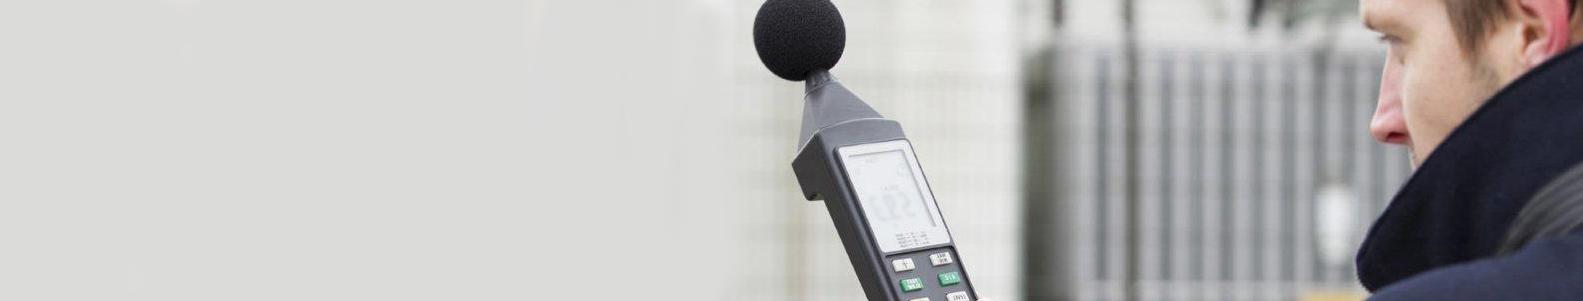 Garso matuokliai  Garso matuokliai ieškantiems  aukštos kokybės prietaisų